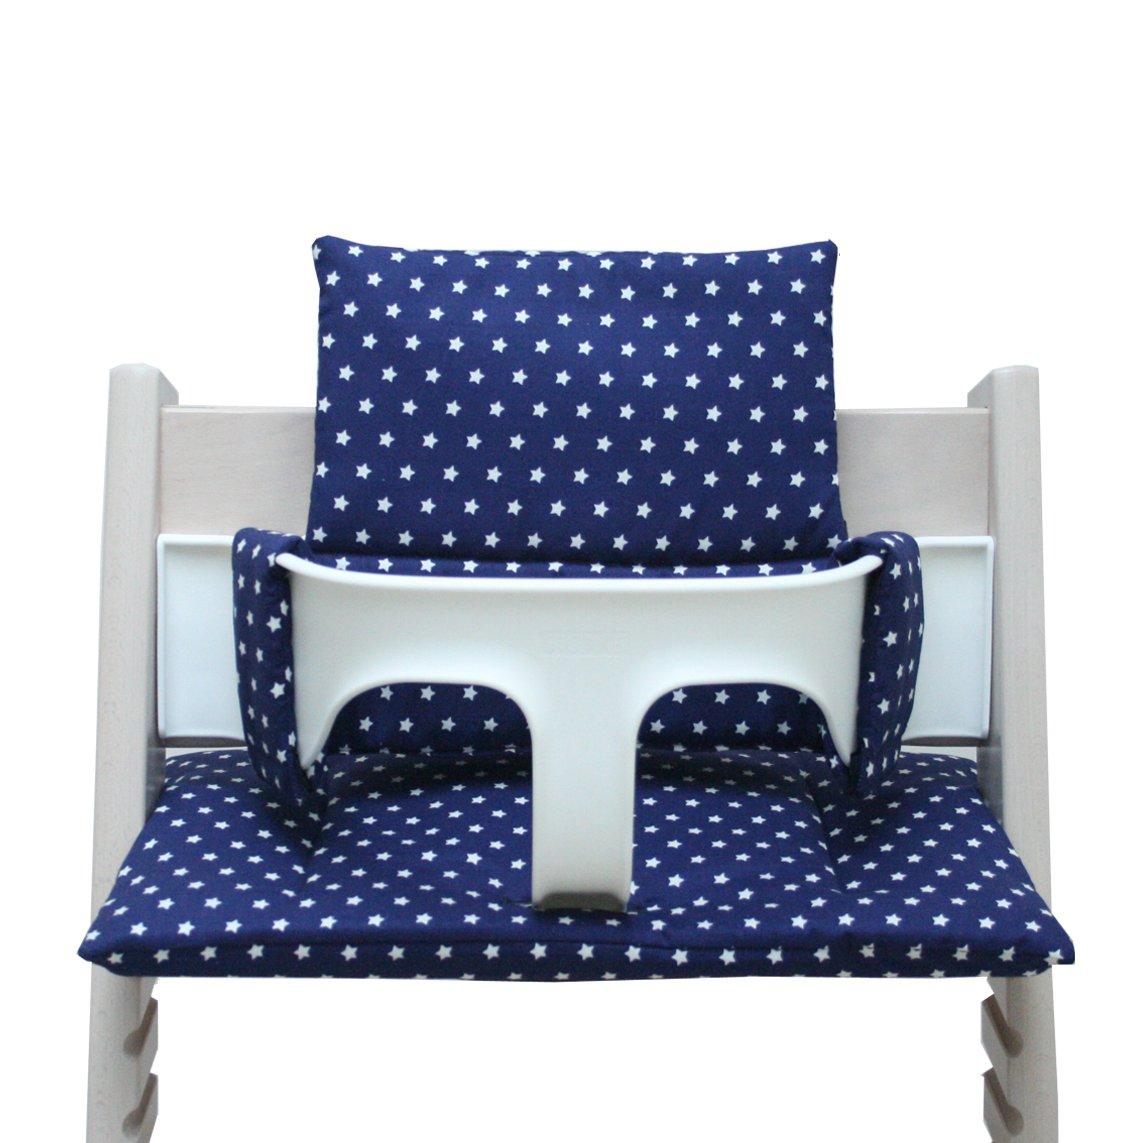 am besten bewertete produkte in der kategorie hochstuhleinlagen sitzverkleinerer. Black Bedroom Furniture Sets. Home Design Ideas